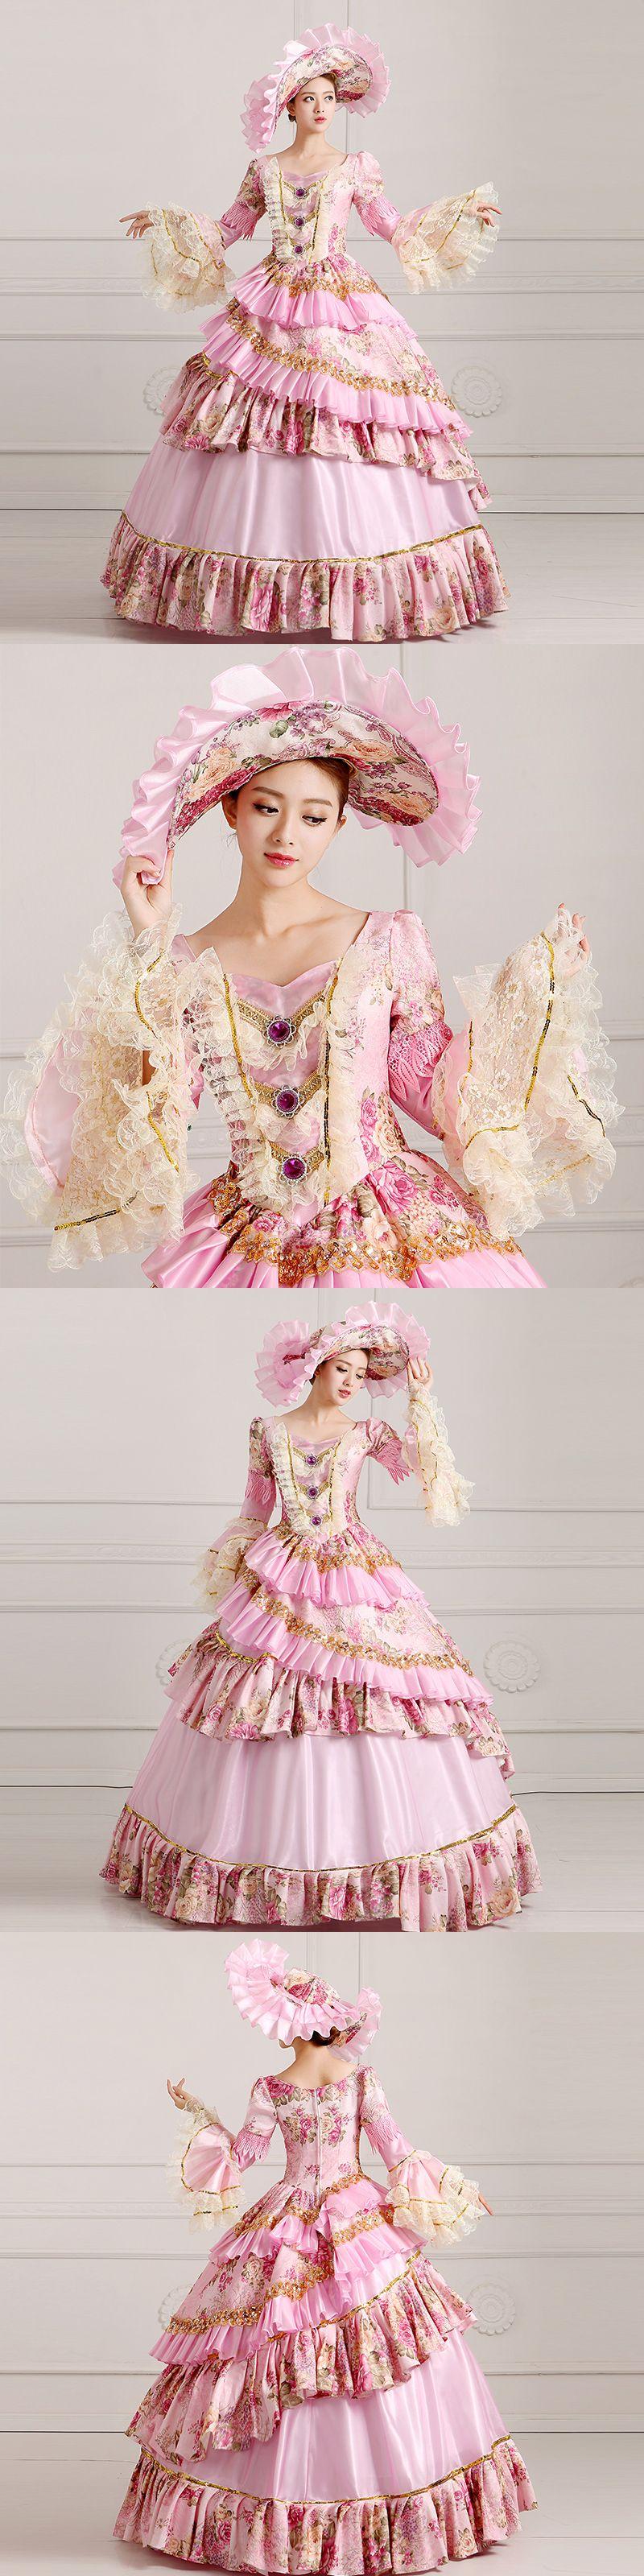 Pin de Rendell Rose en Silk & Satin | Pinterest | Vestiditos